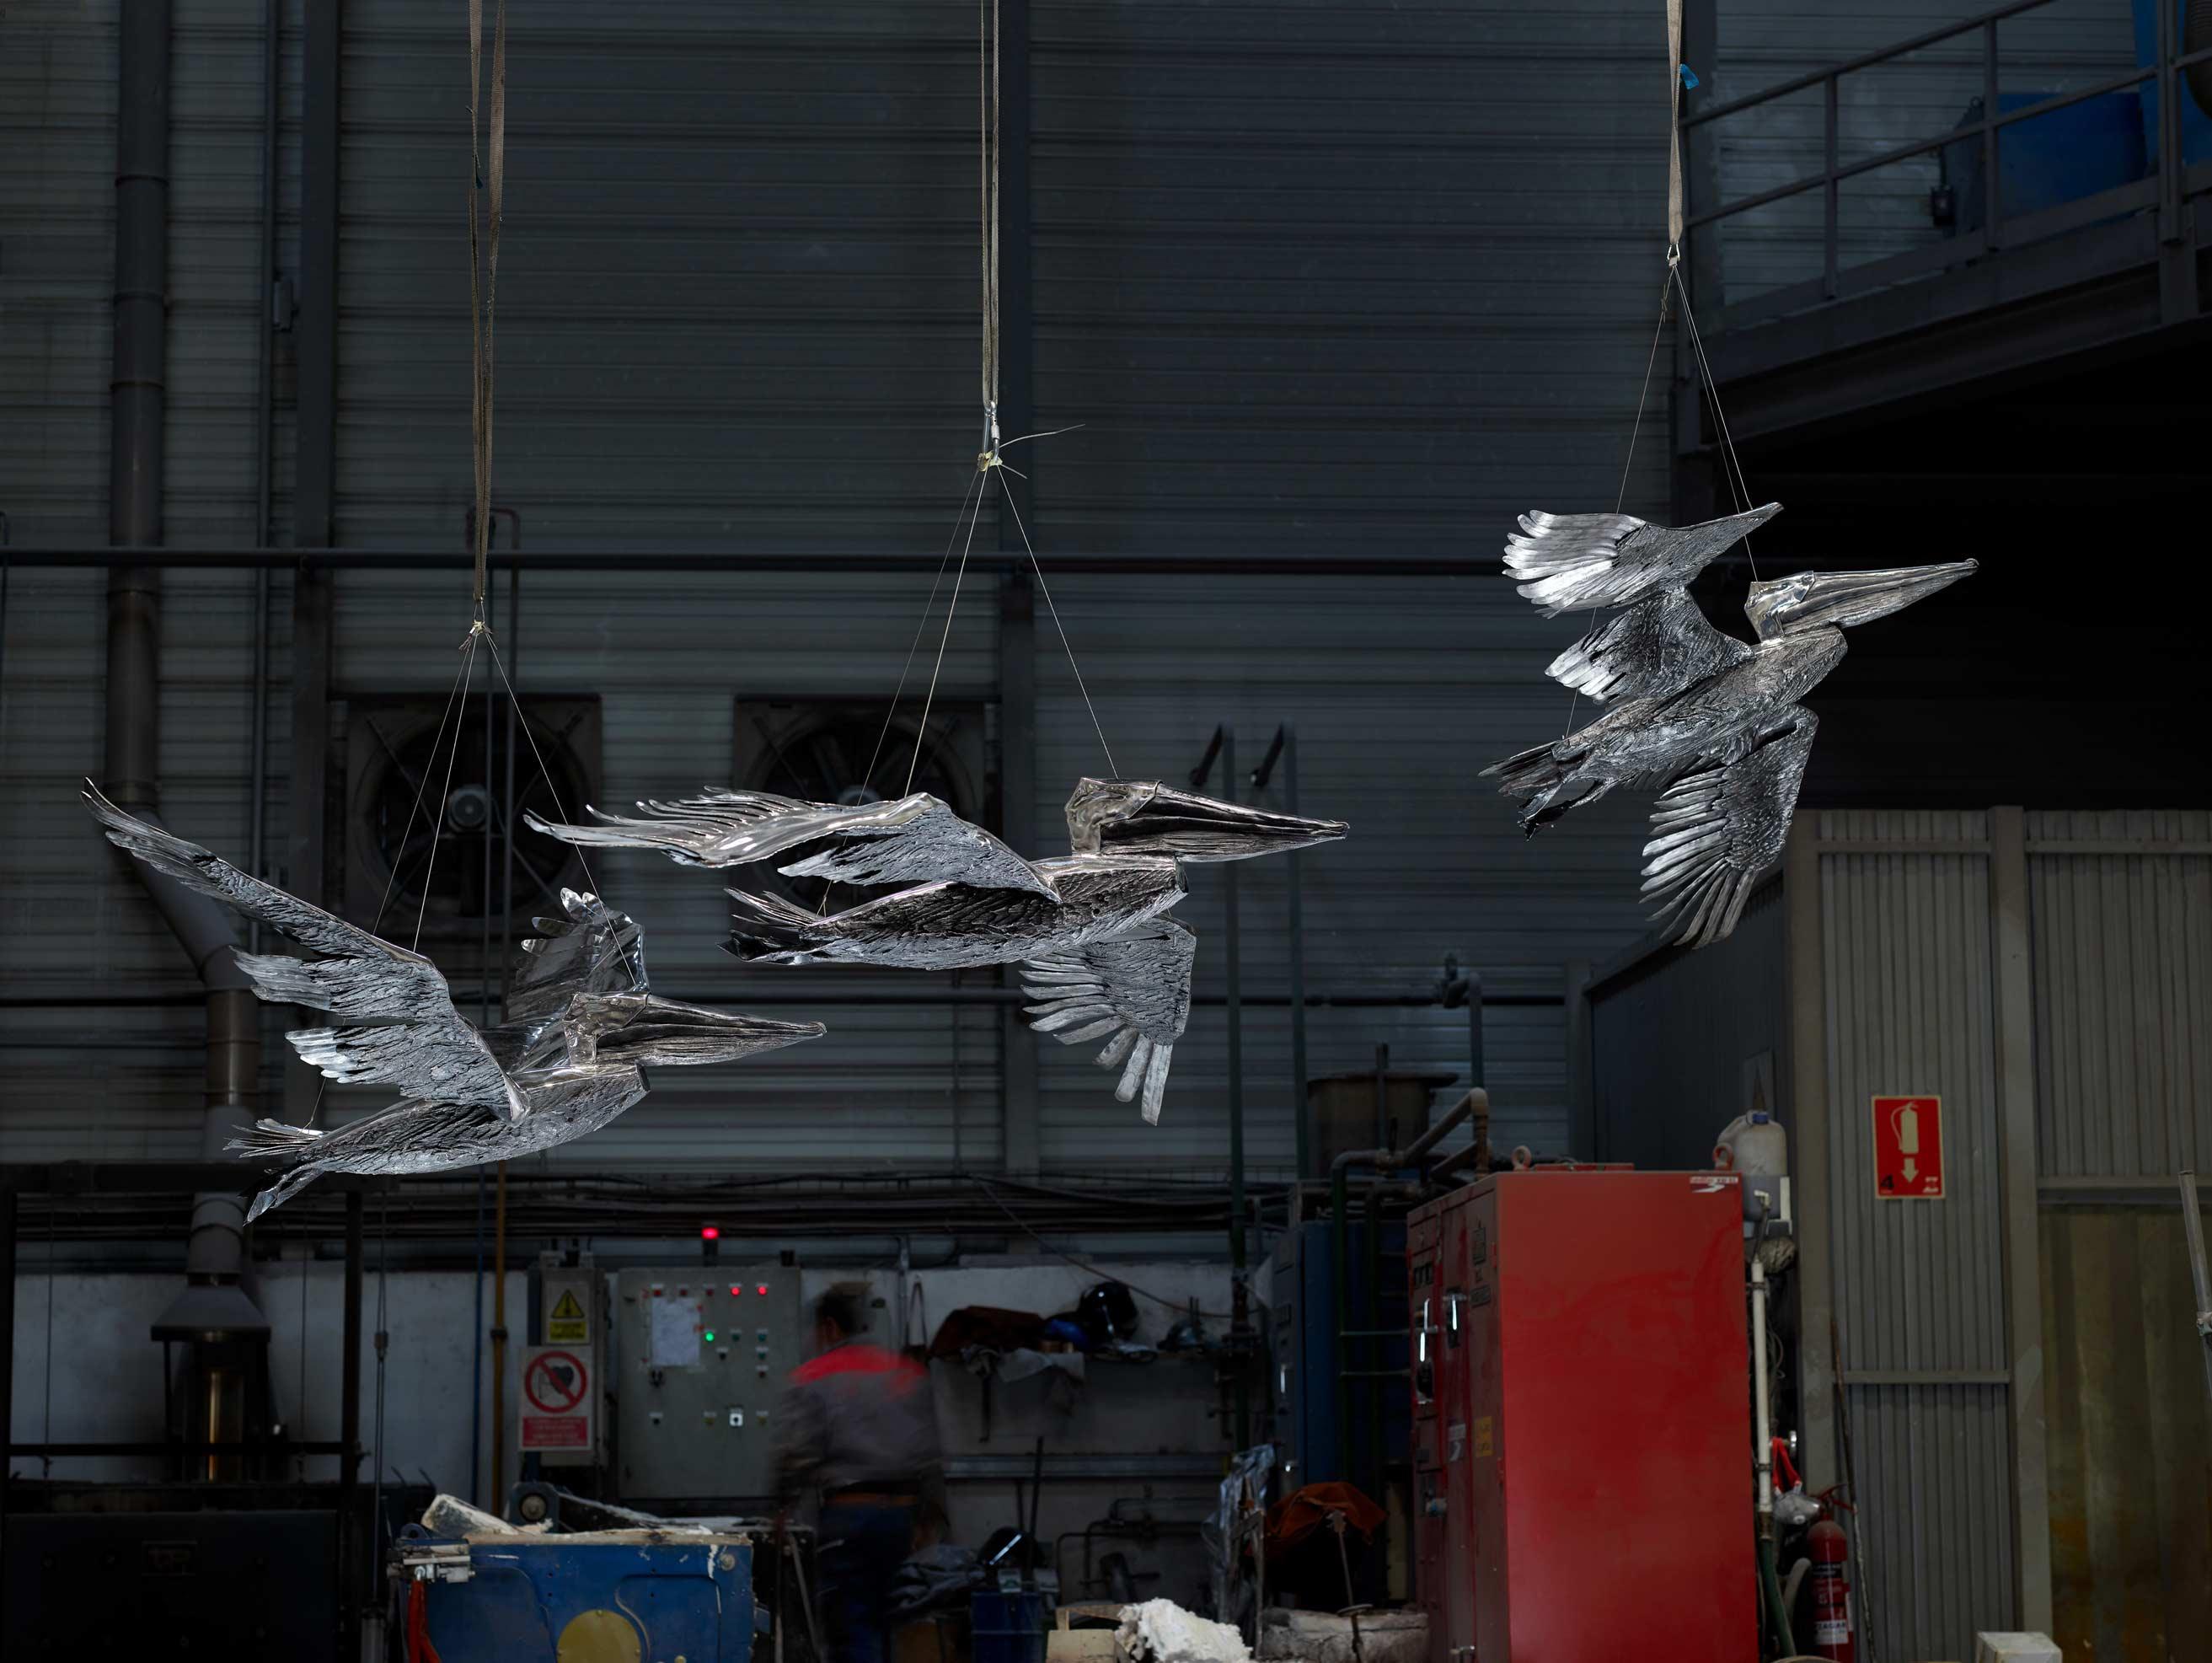 Proyecto escultórico: #PelicansFlyTogether, de Katherine Taylor, en acero inoxidable. Fundida en Alfa Arte, instalada en St. Paul´s School, Concord, NH. USA